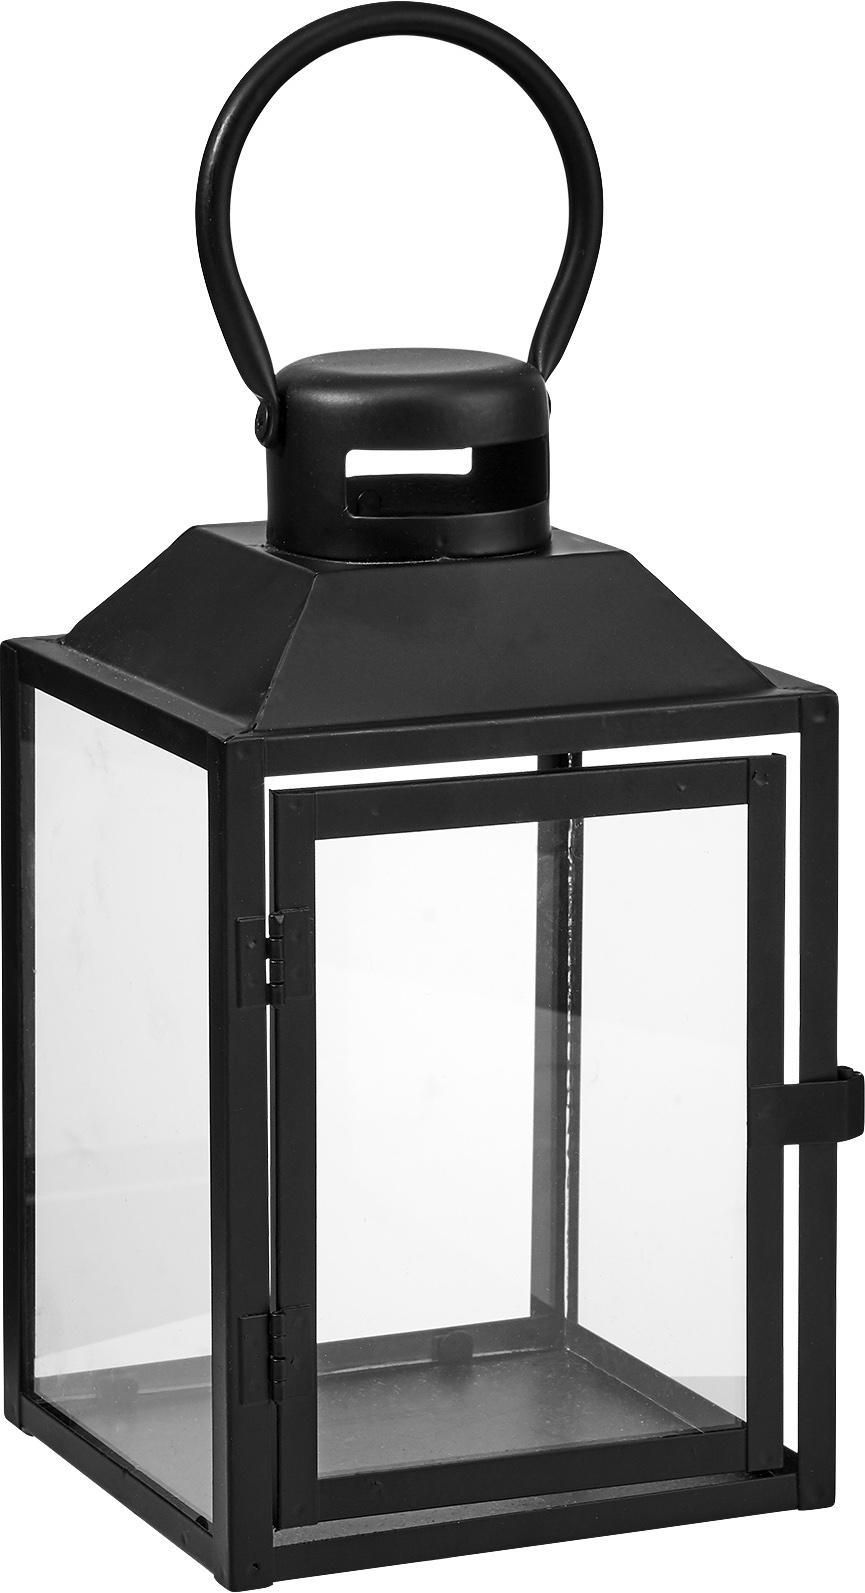 Latarenka z metalu Lighthouse, Srebrny, transparentnyny, Antracytowy, transparentny, S 13 x W 24 cm